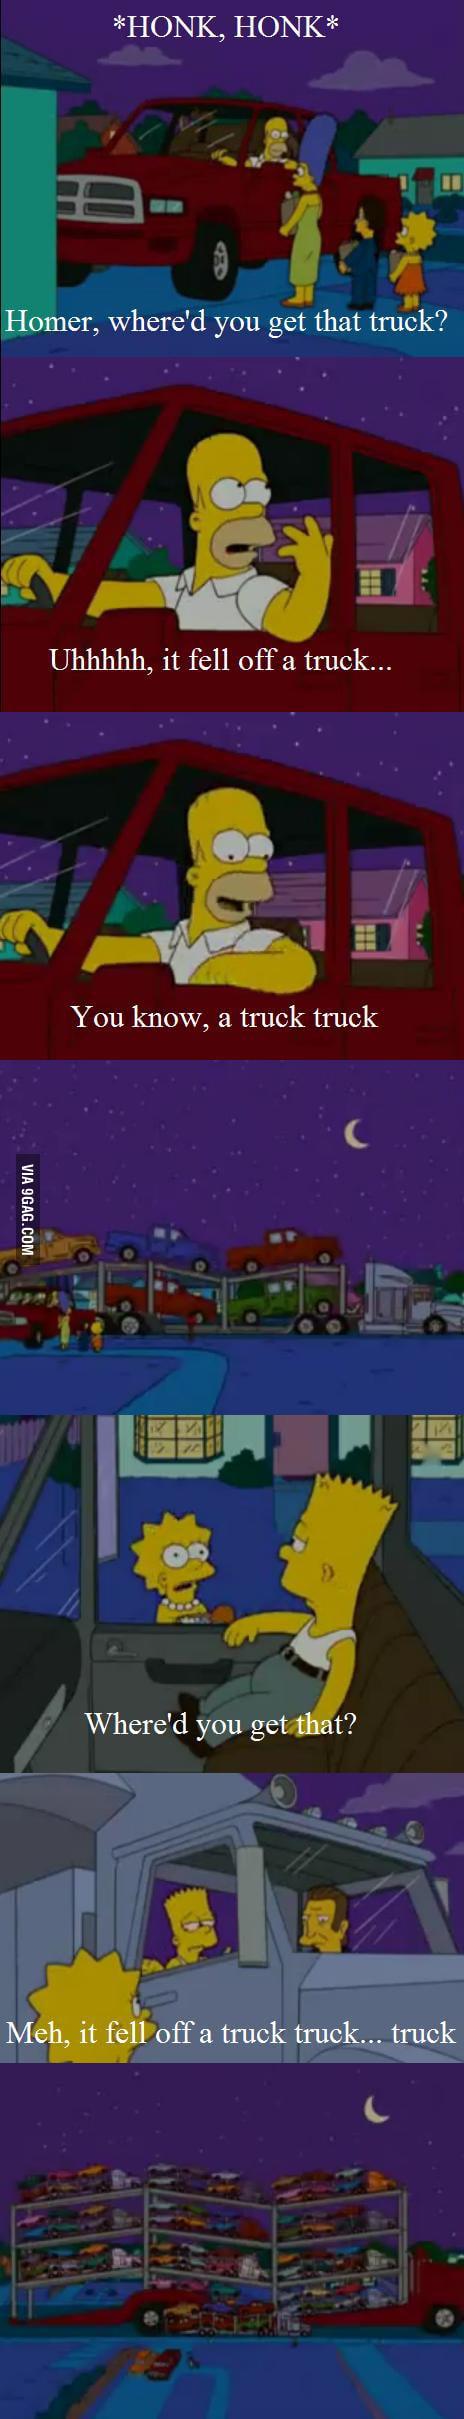 Truckception